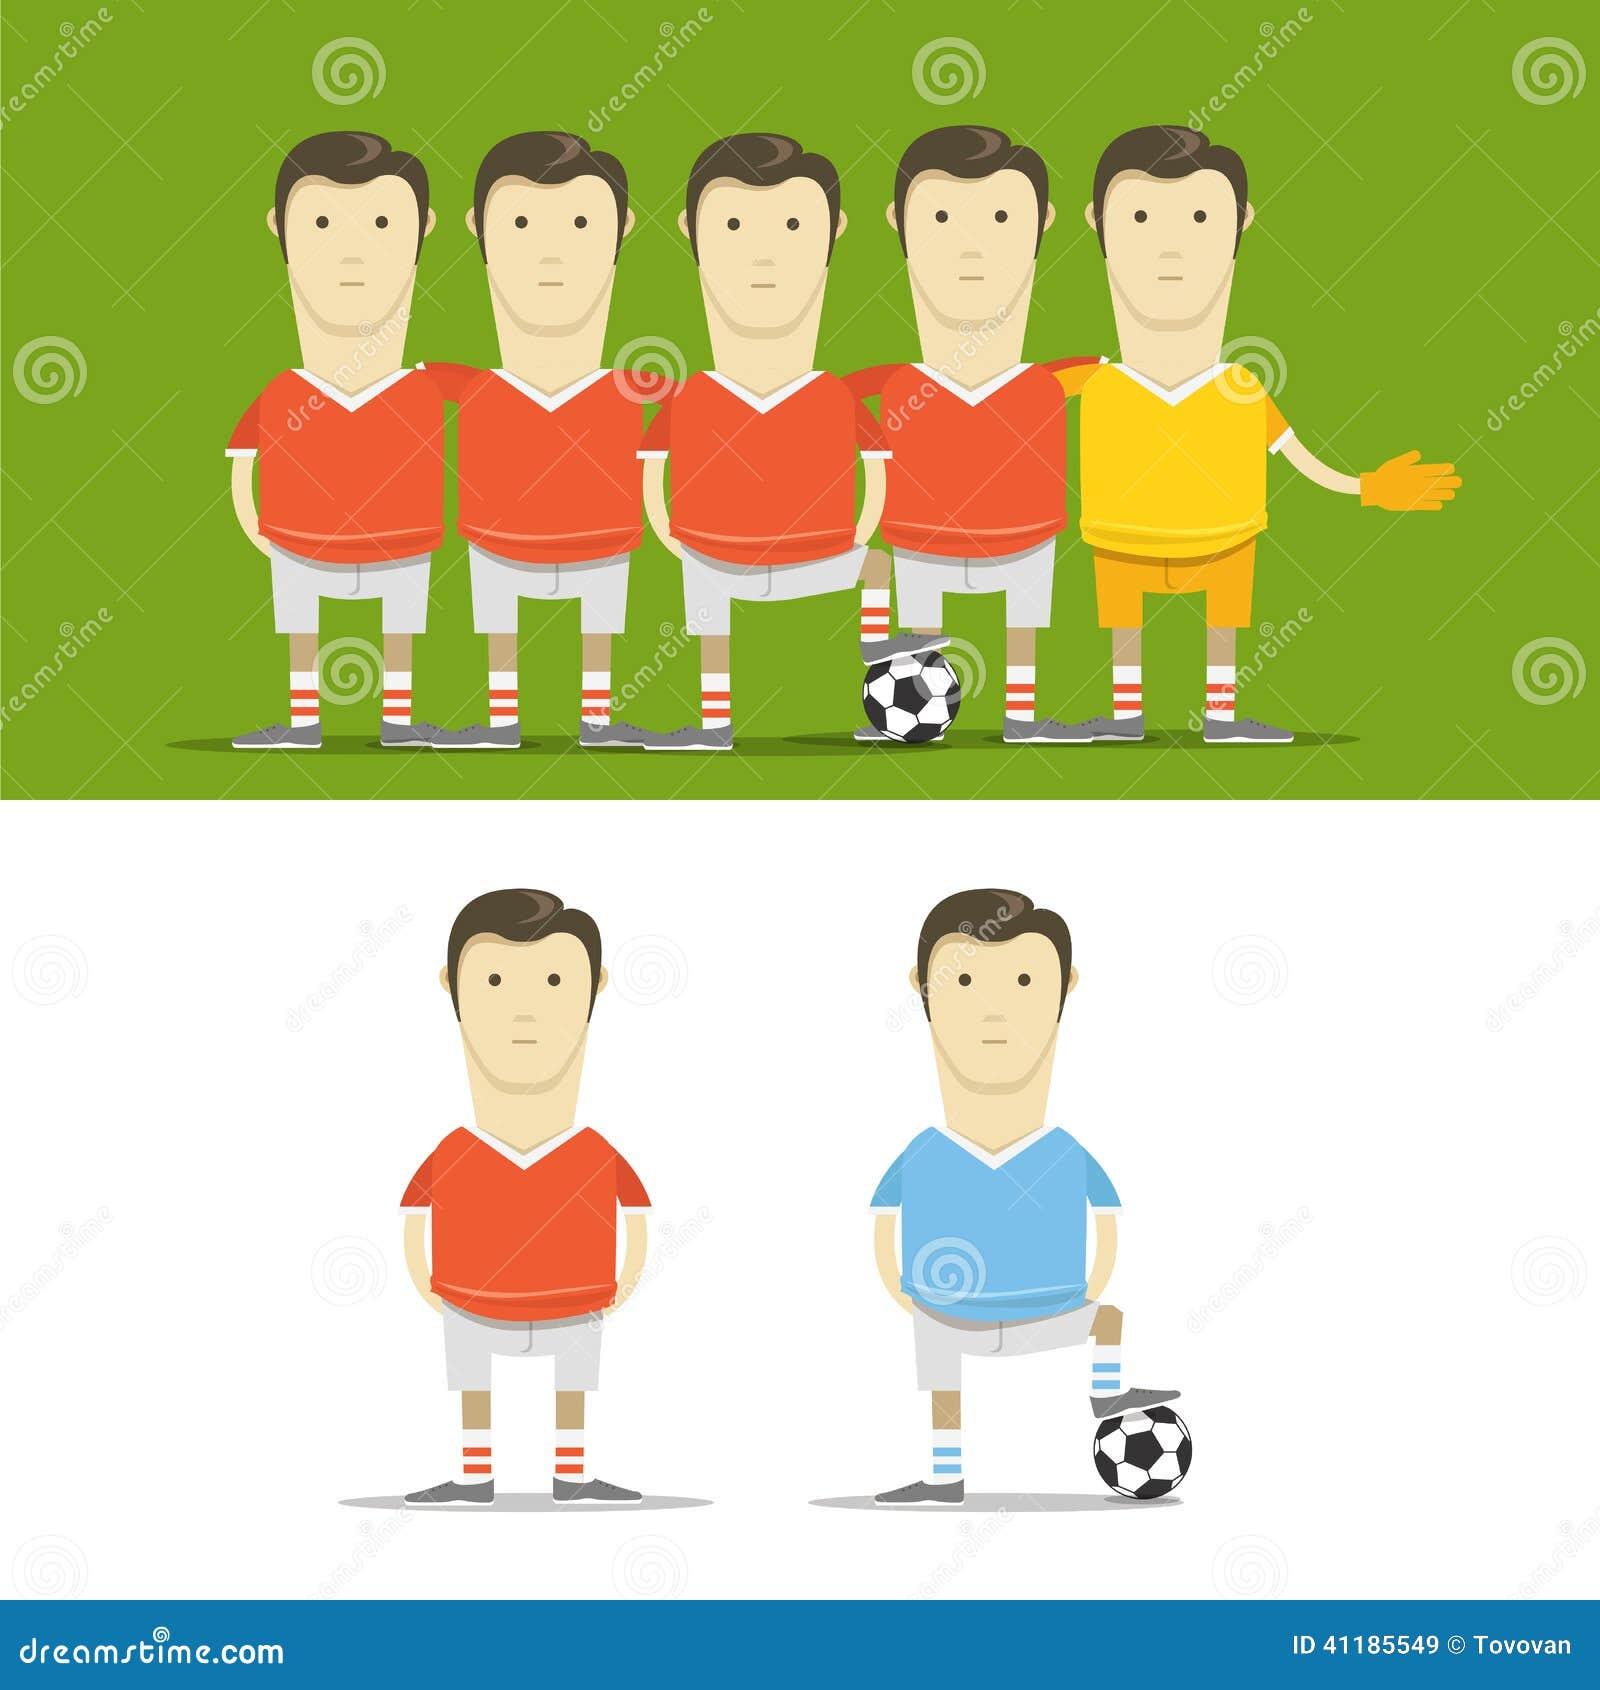 Clipart Da Equipe De Futebol Ilustração Stock - Ilustração de jogo ... 9319bf89ab577